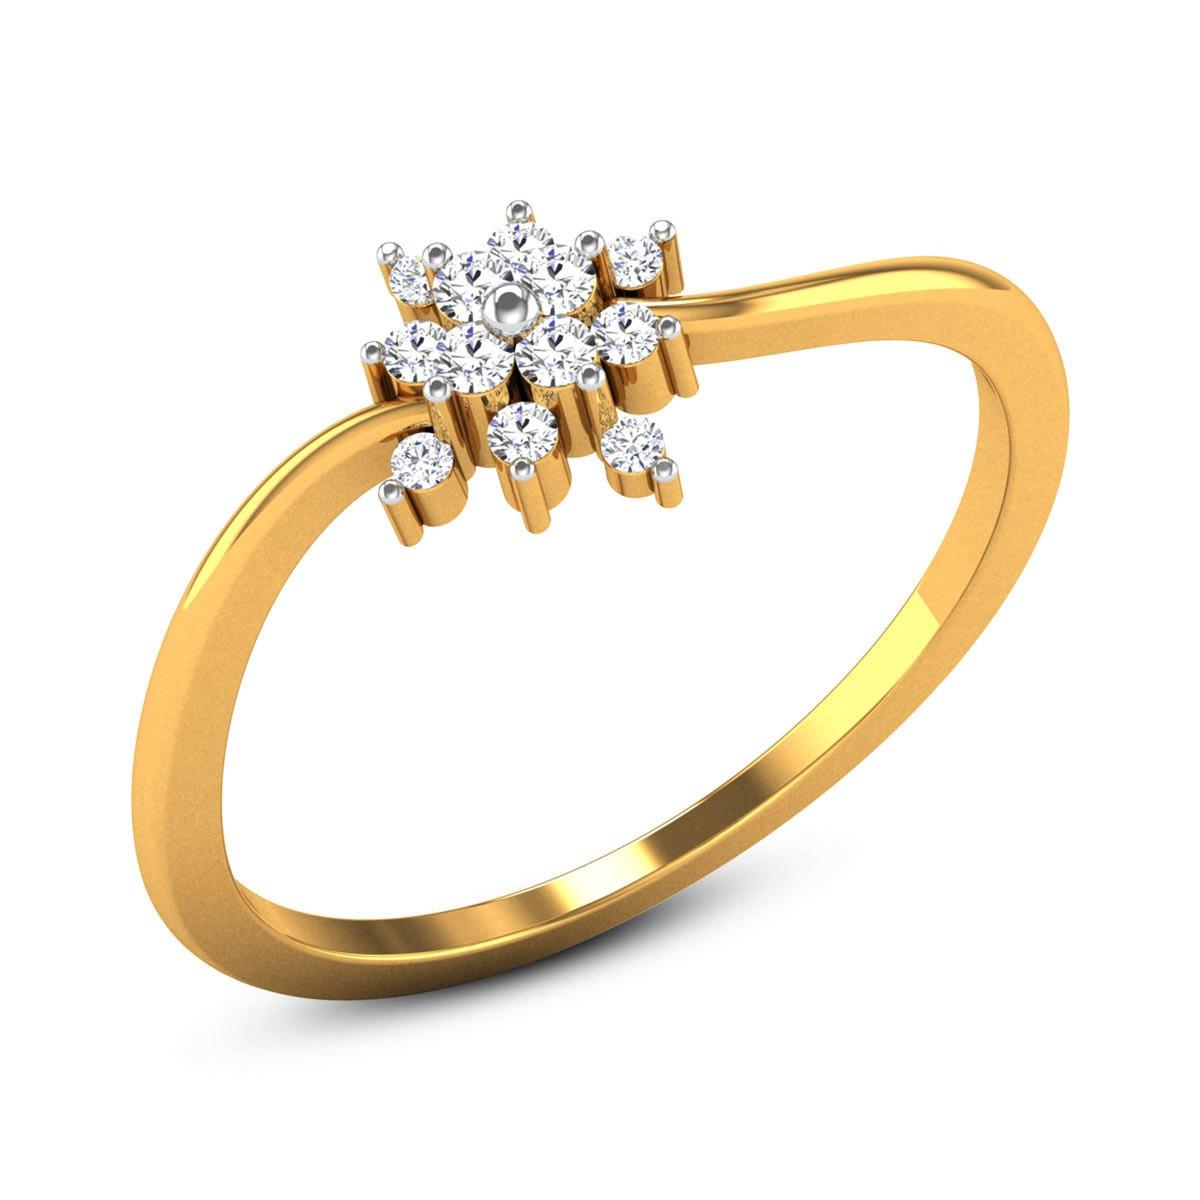 Deanna Diamond Floral Ring